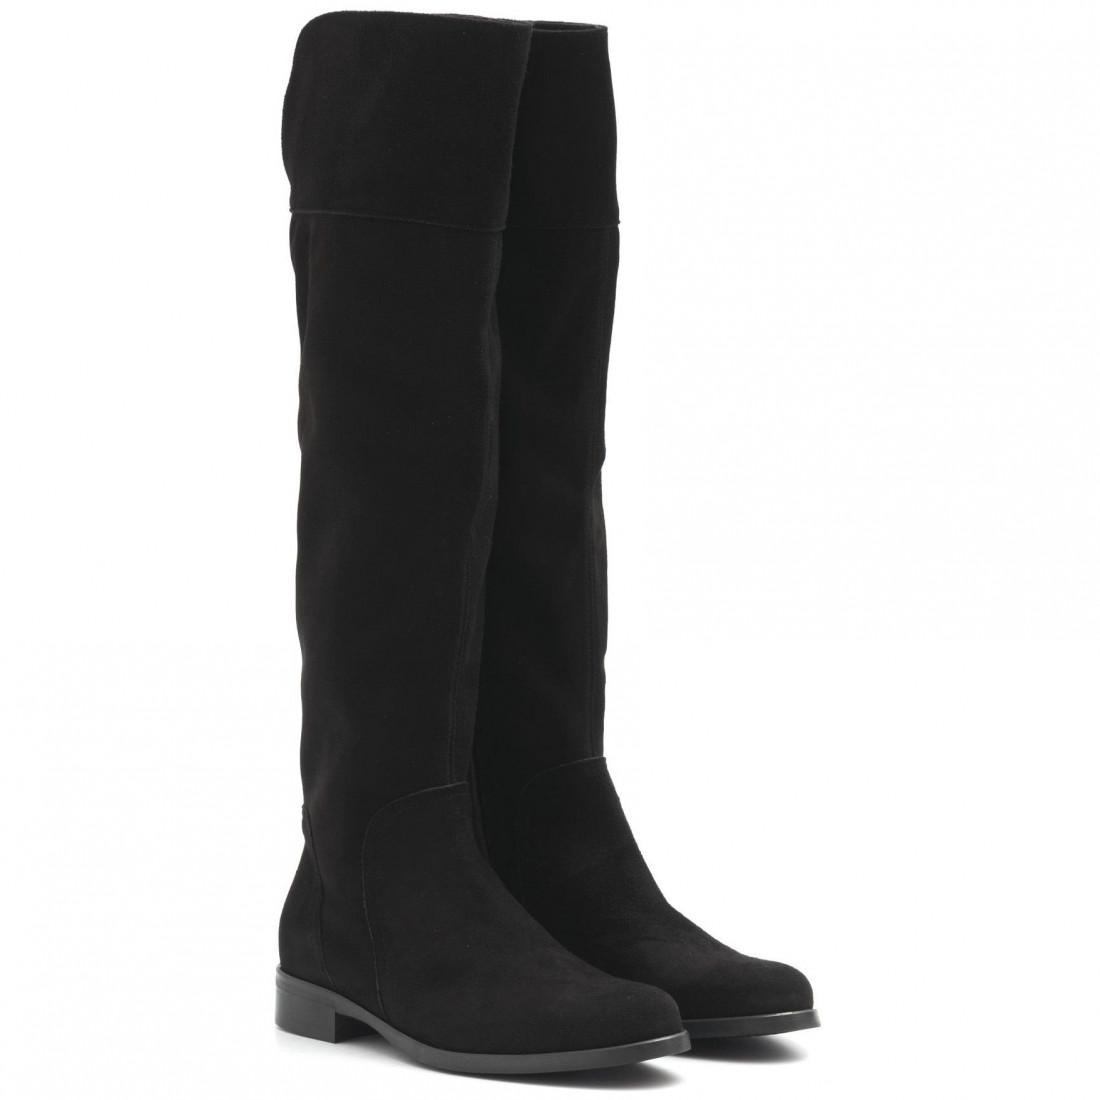 boots woman sangiorgio p781cam nero 7843